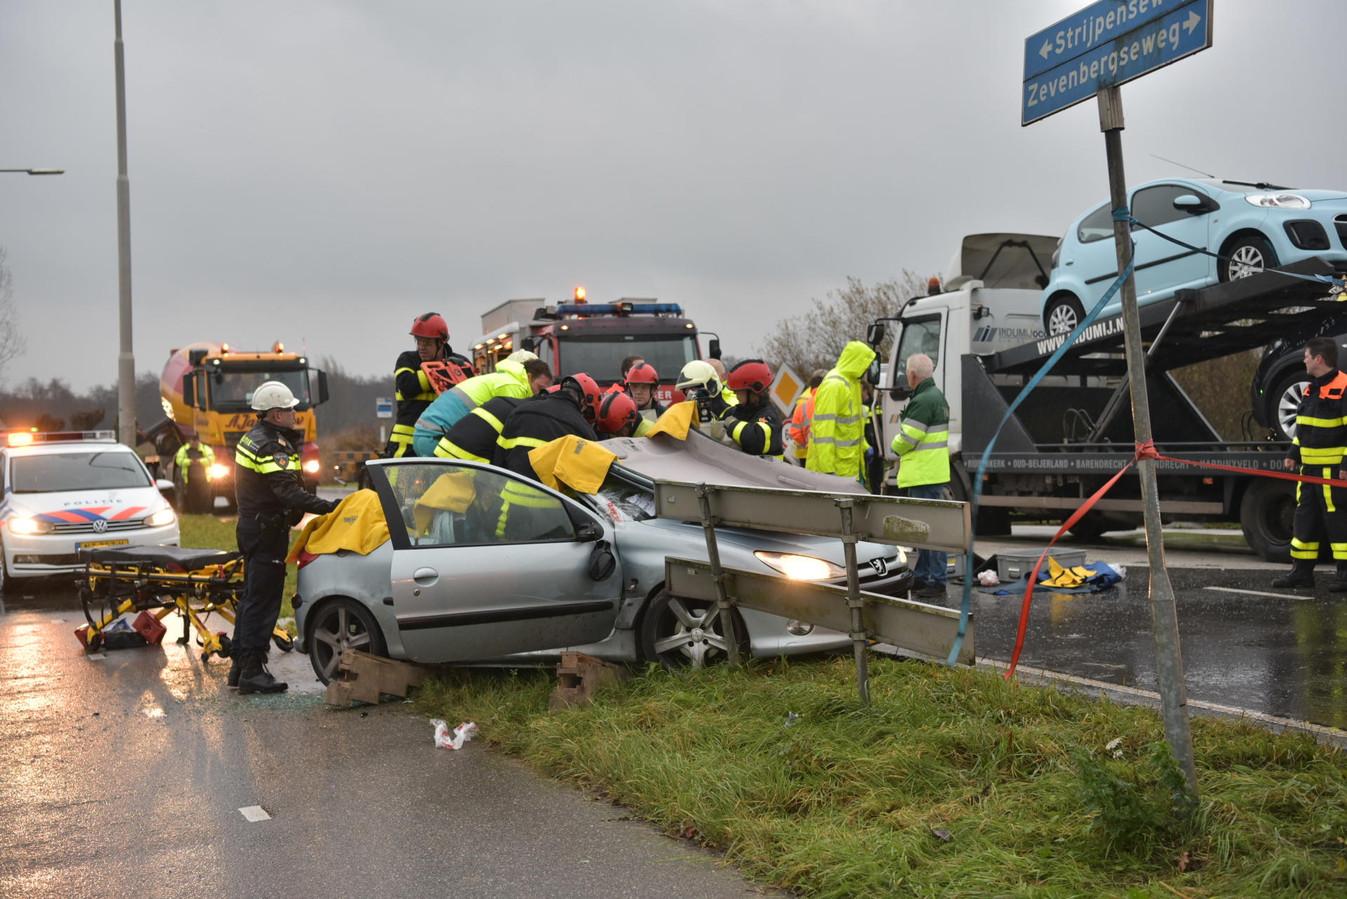 Ongeval op kruispunt Strijpenseweg en Zevenbergseweg